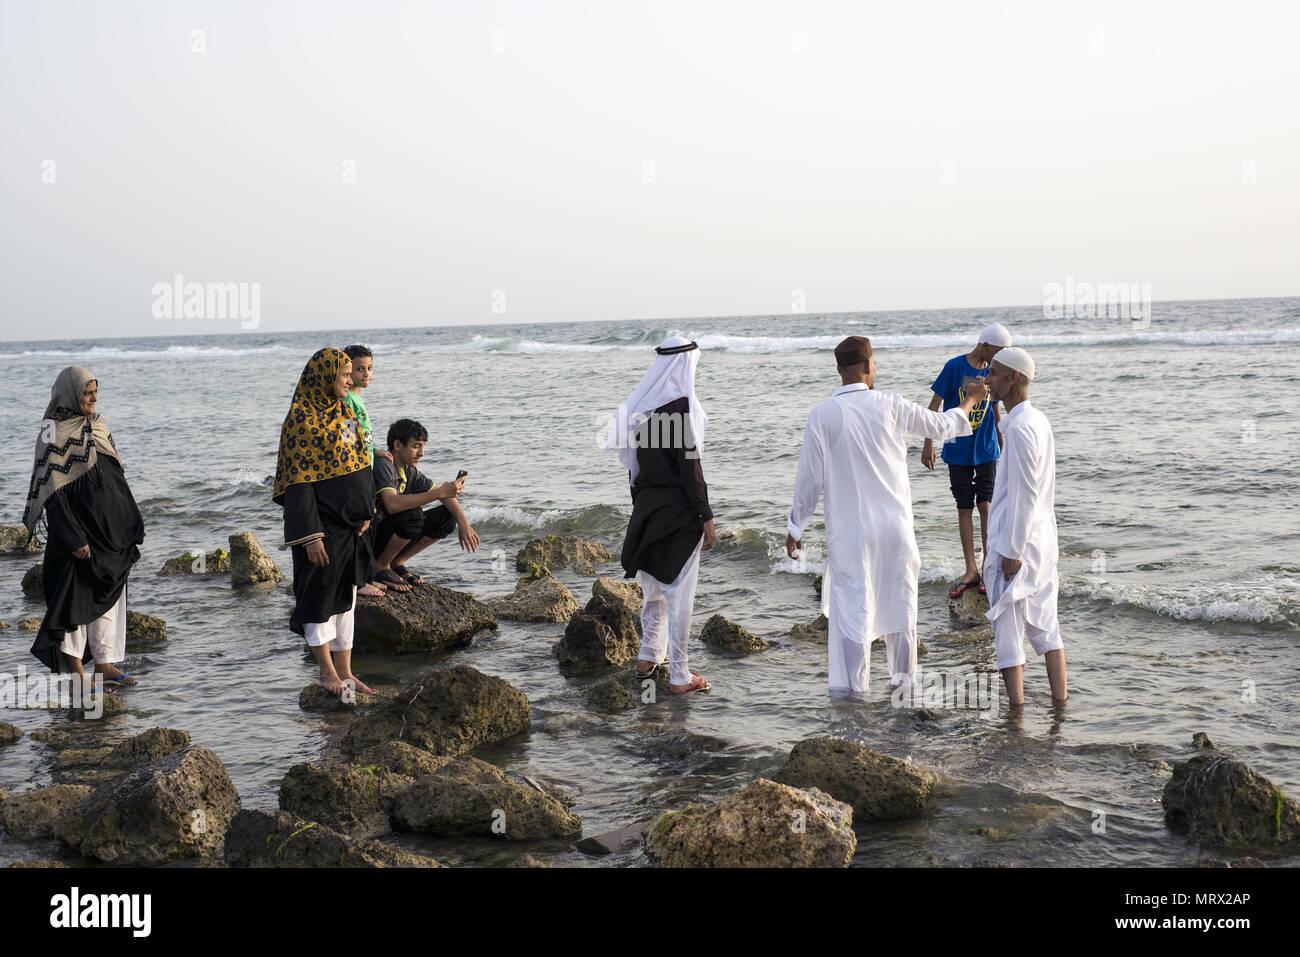 Pilgrims walking on rocks in the Red Sea during Ramadan in Jeddah, Saudi Arabia - Stock Image